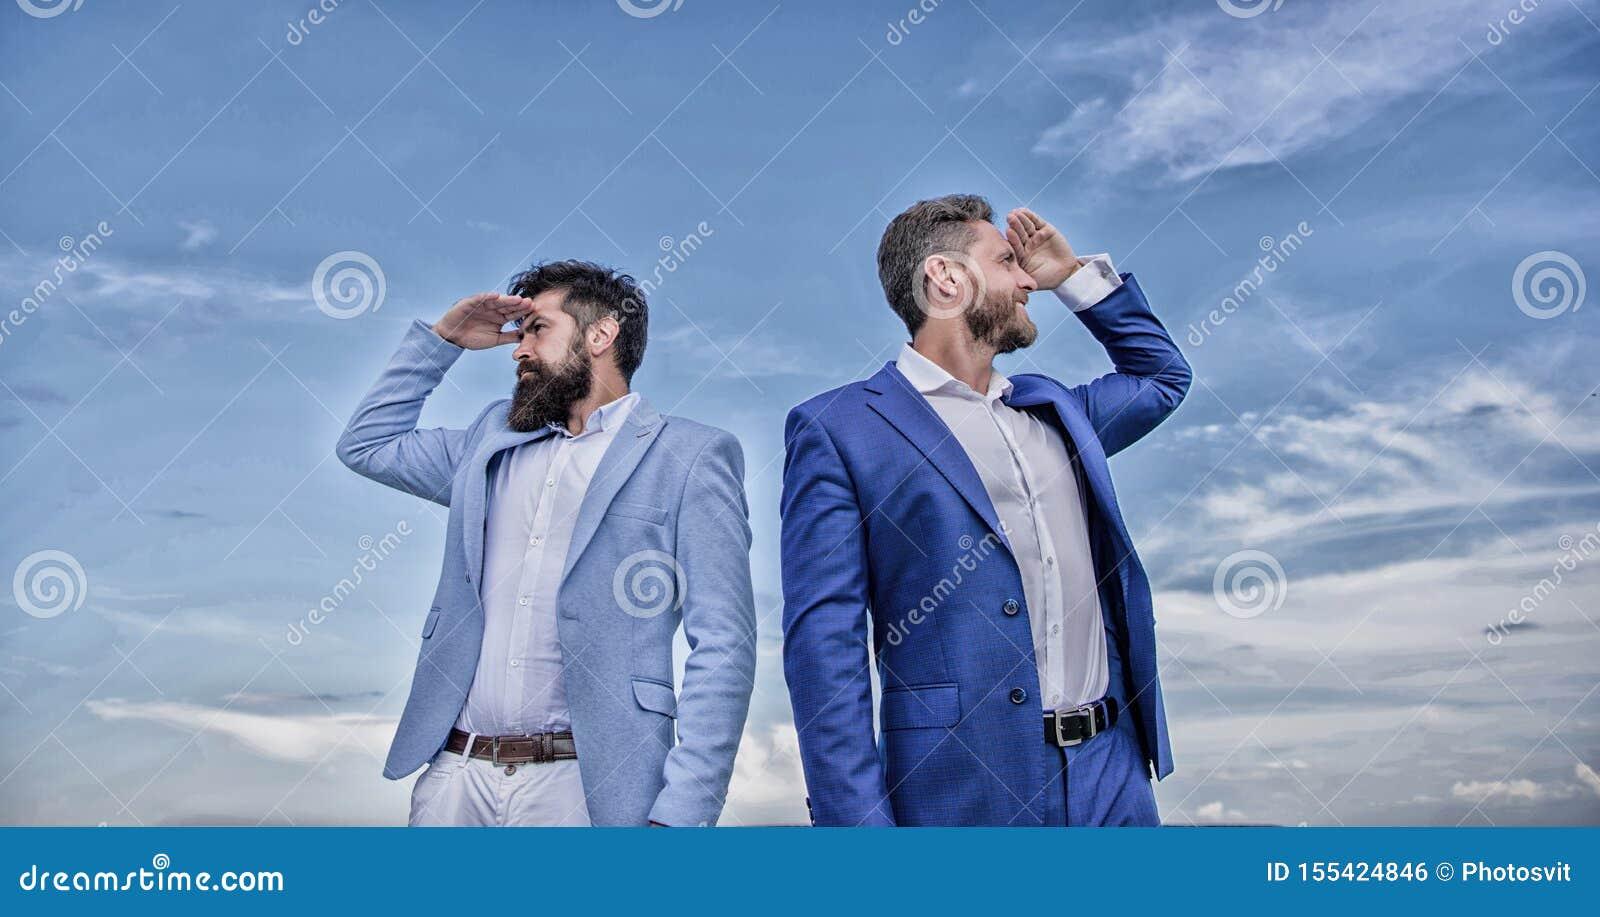 Zmiana kursu Nowi biznesowi kierunki Rozwija biznesowy kierunek Biznesmen brodate twarze stoj? z powrotem popiera?